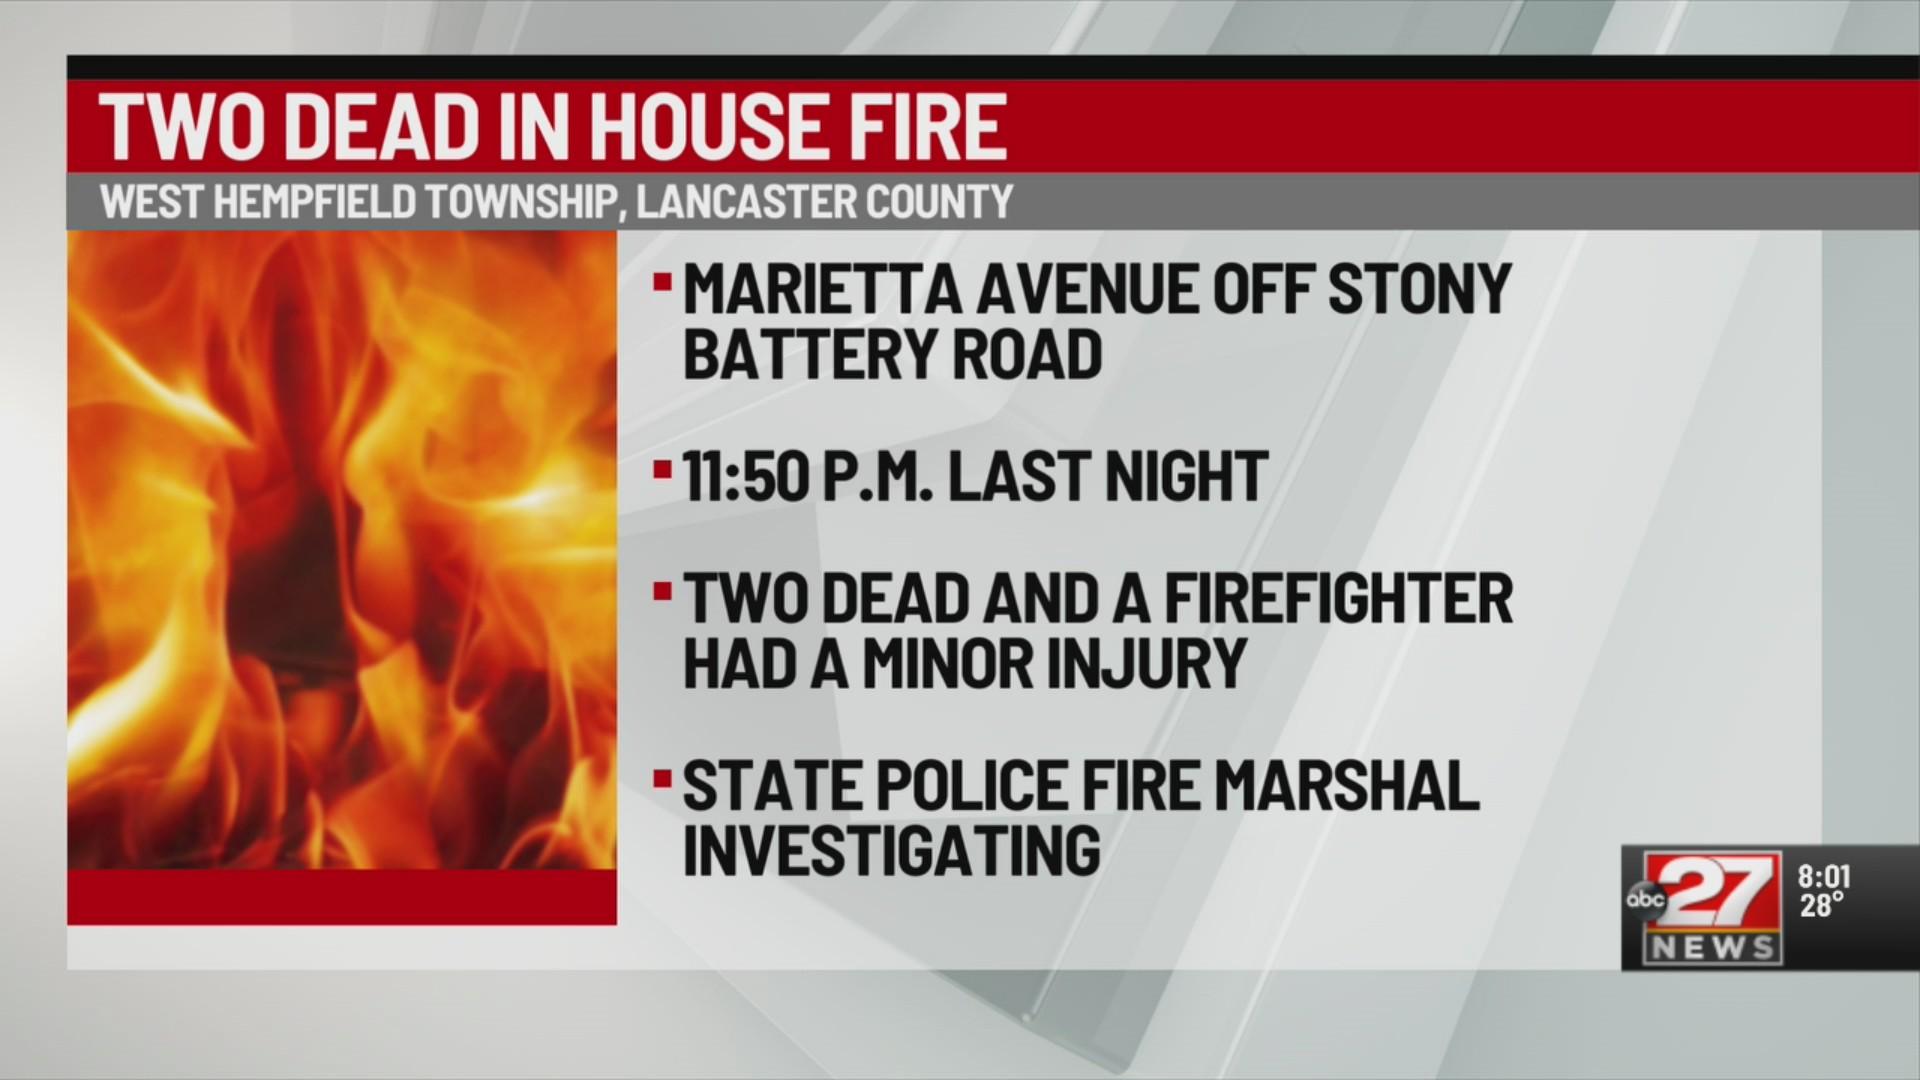 Deadly house fire in West Hempfield